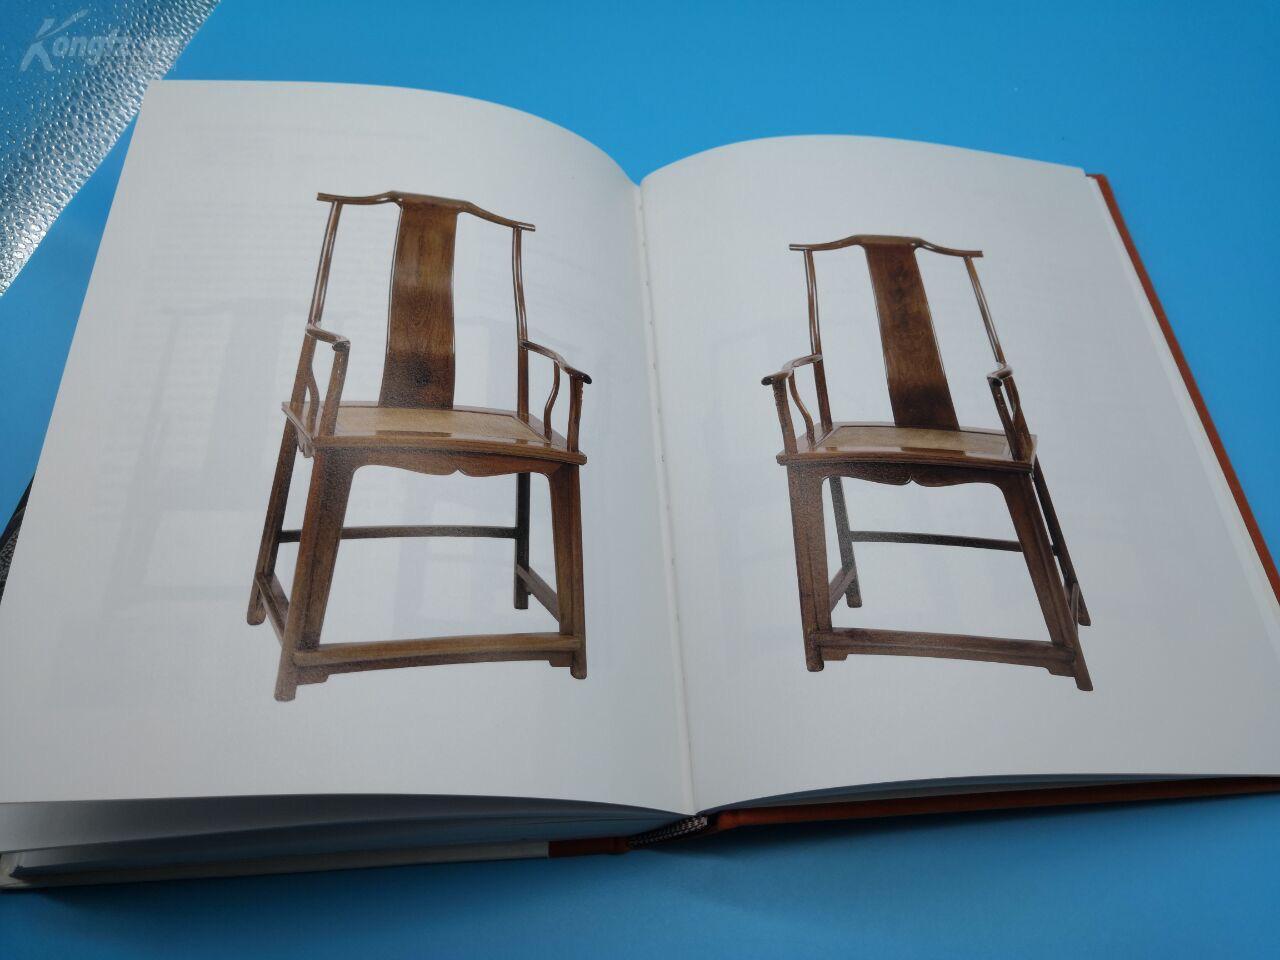 各种木材缺陷的名称中英文对照_木材王国_新浪博客